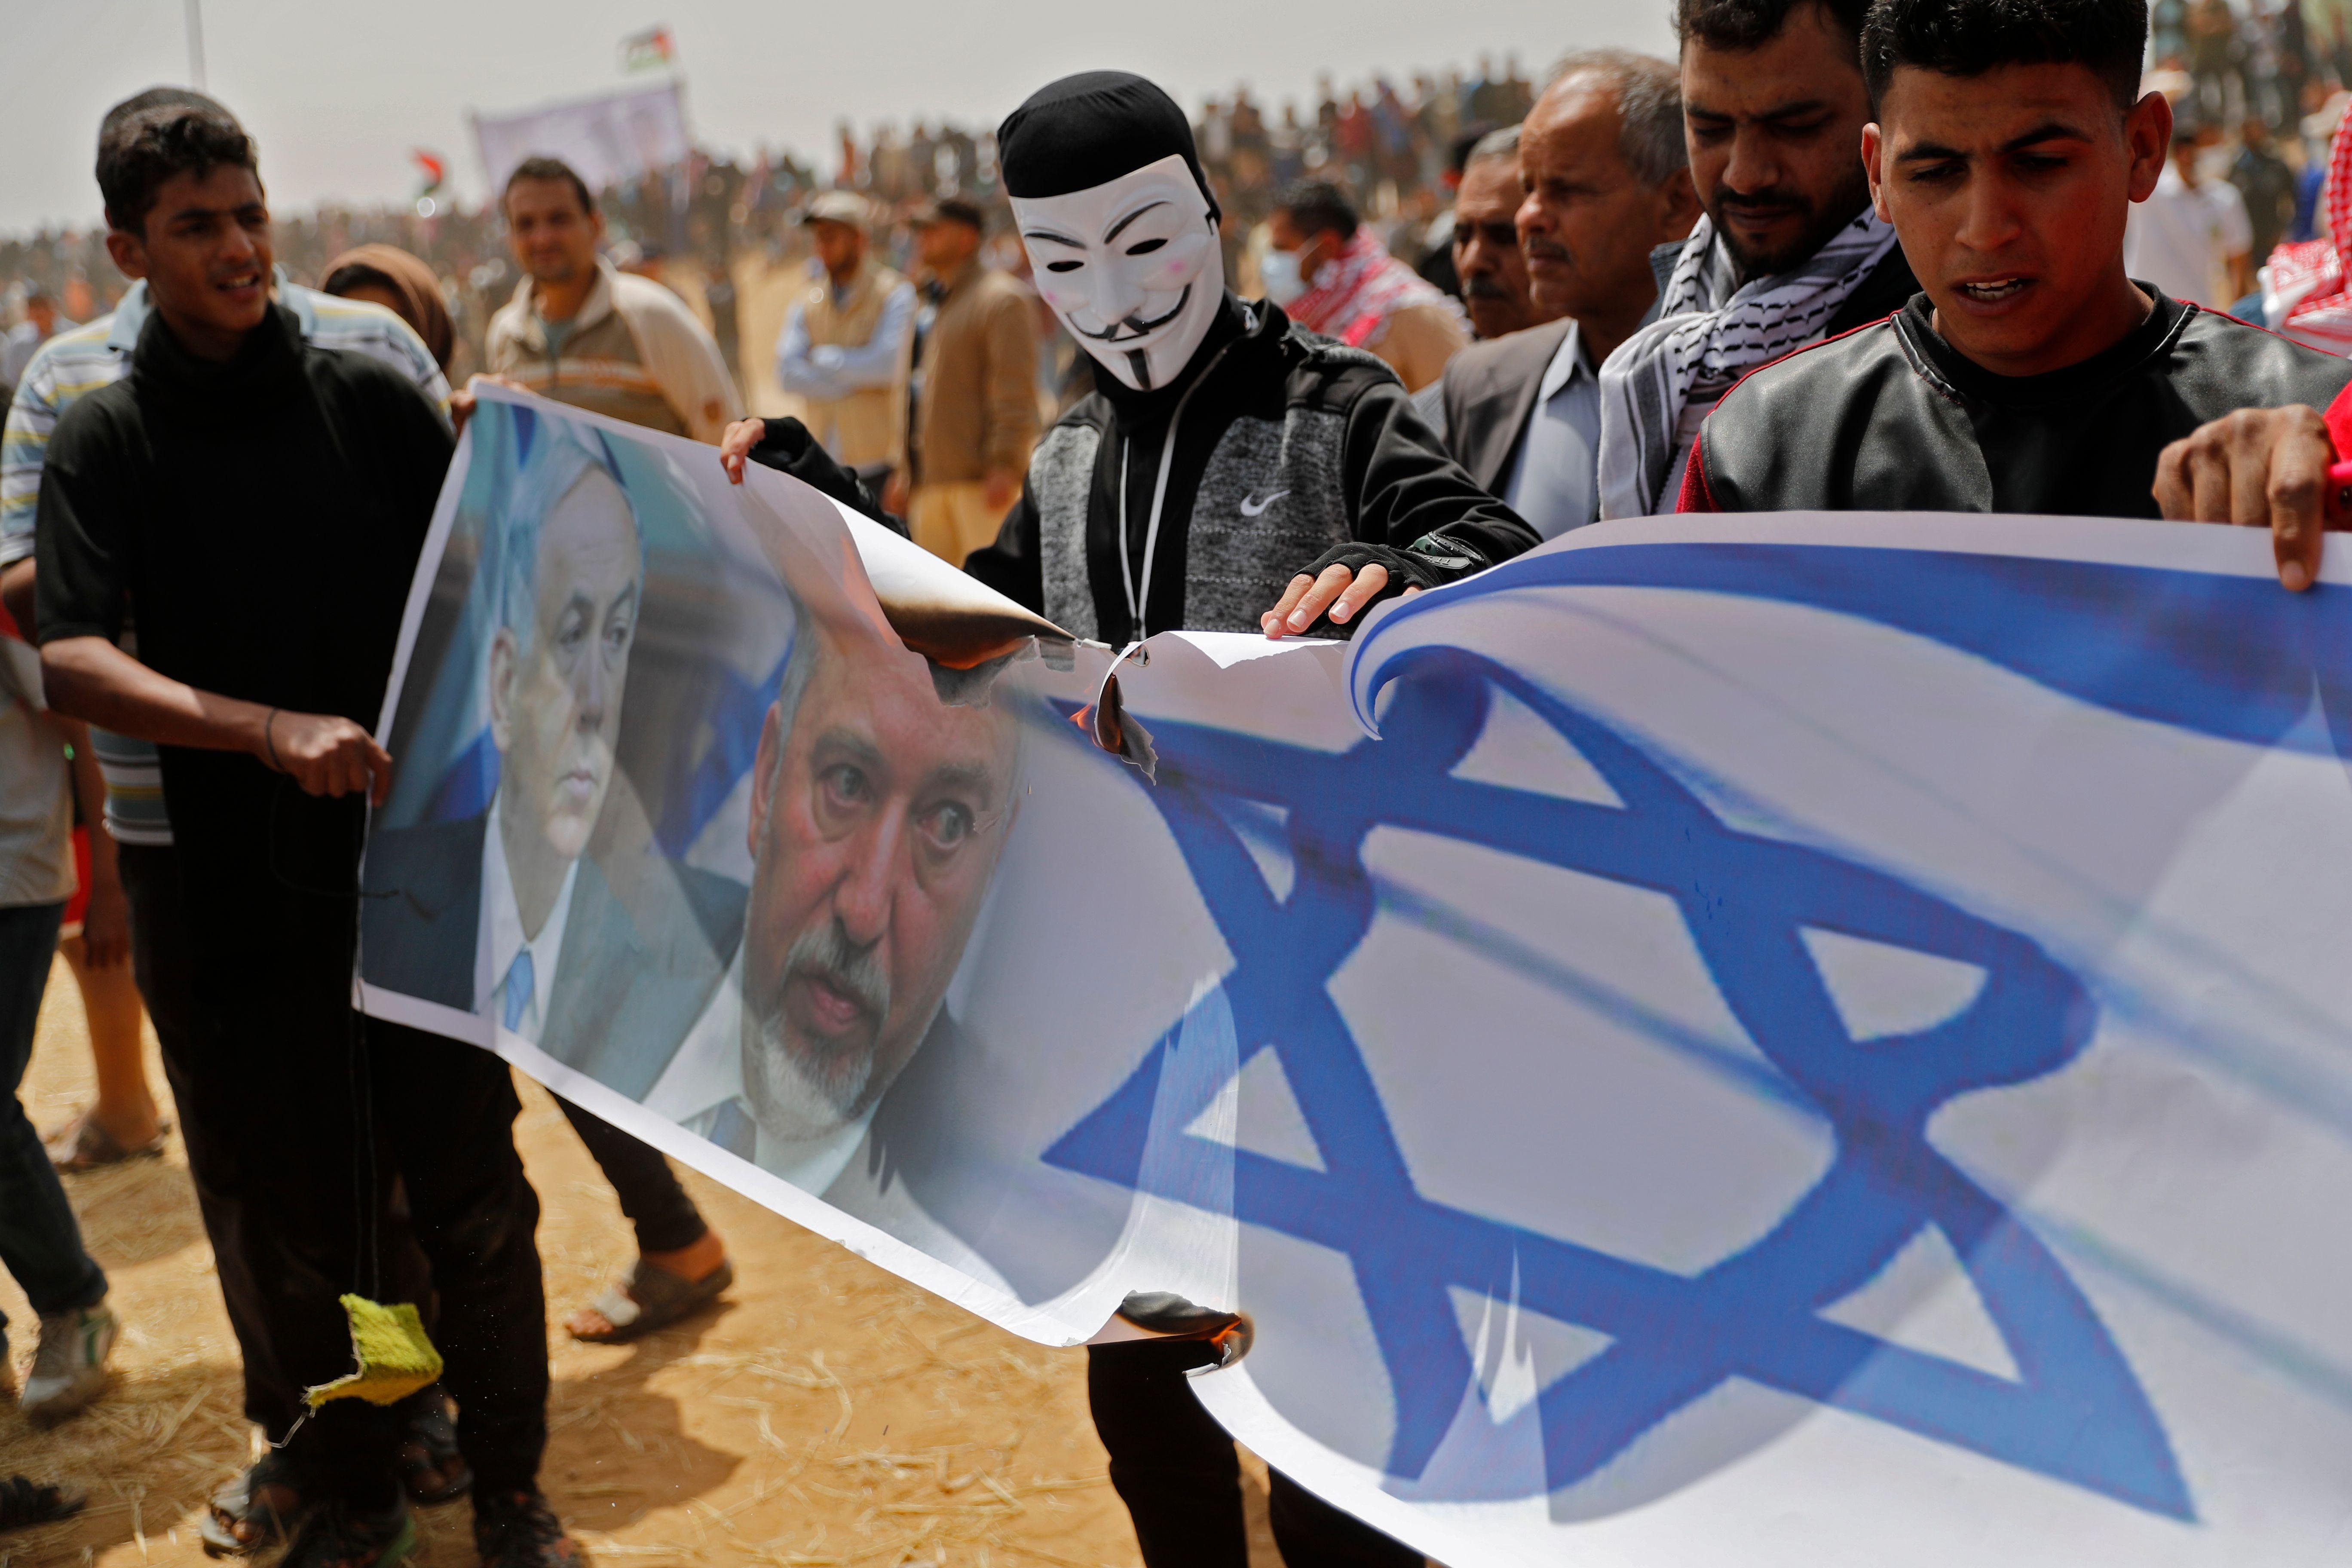 فلسطينيون يحملون أعلام إسرائيل تنديدا بالاحتلال